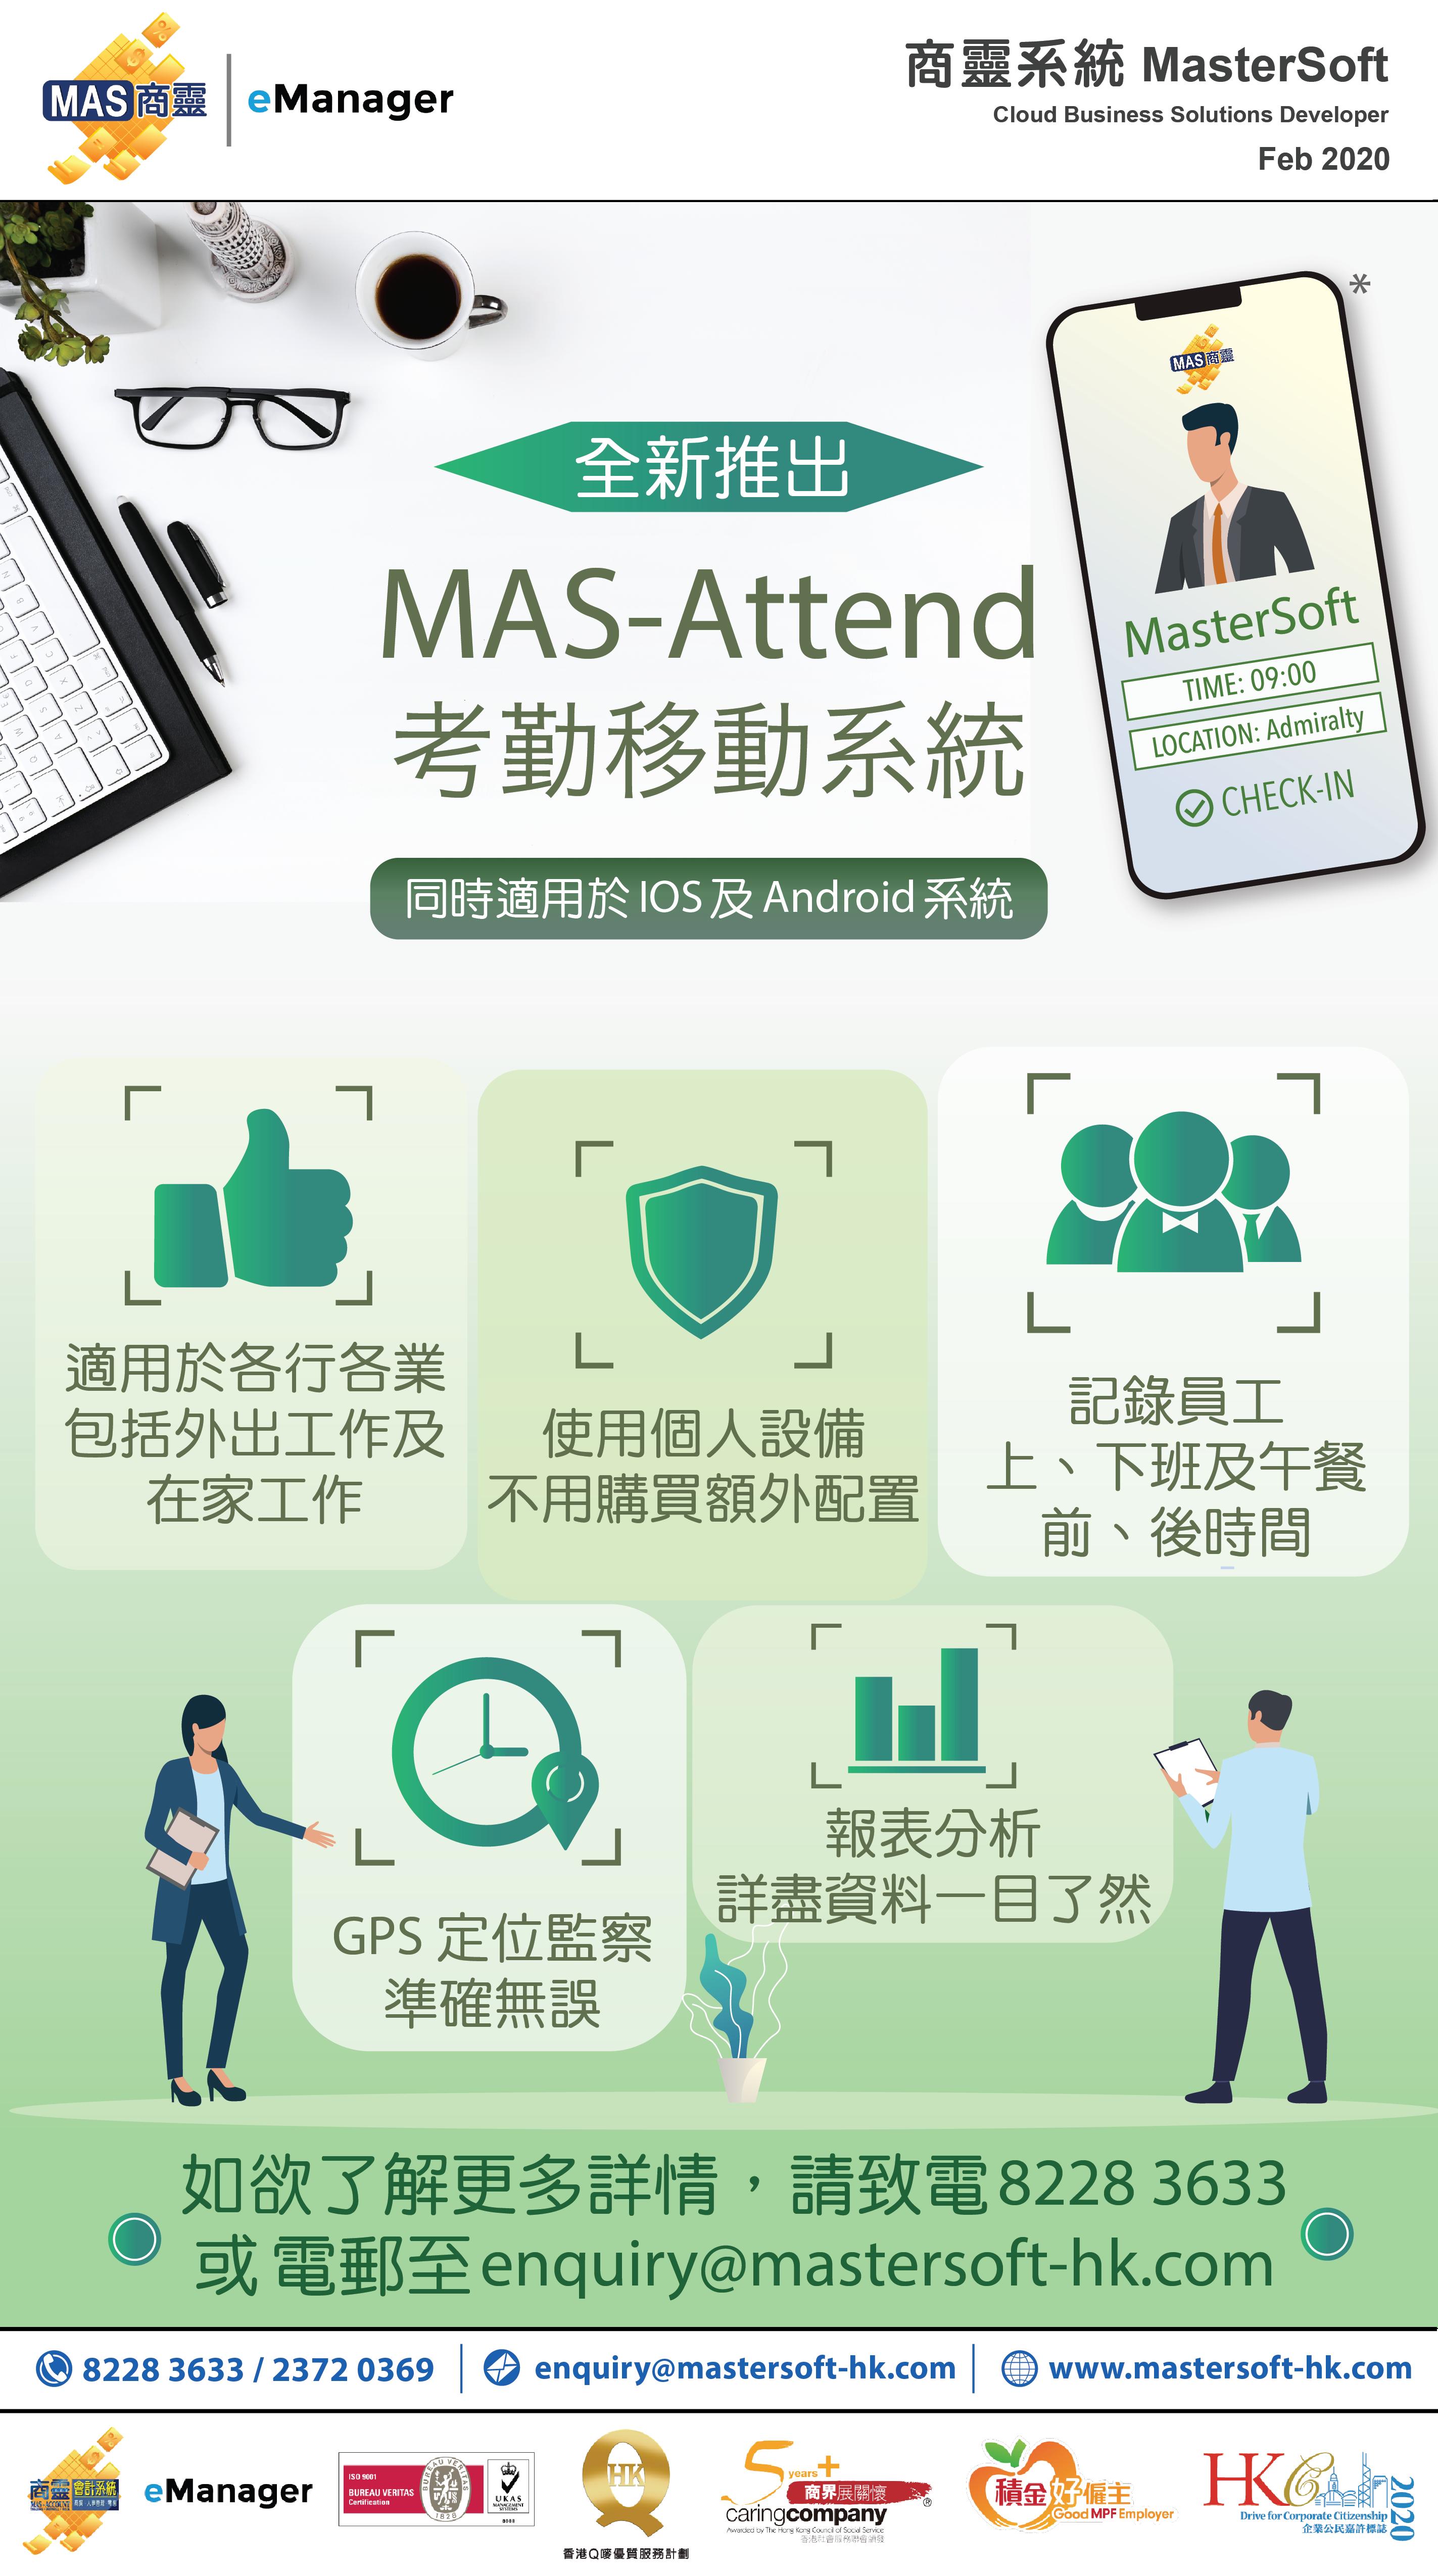 全新MAS-Attend 系統